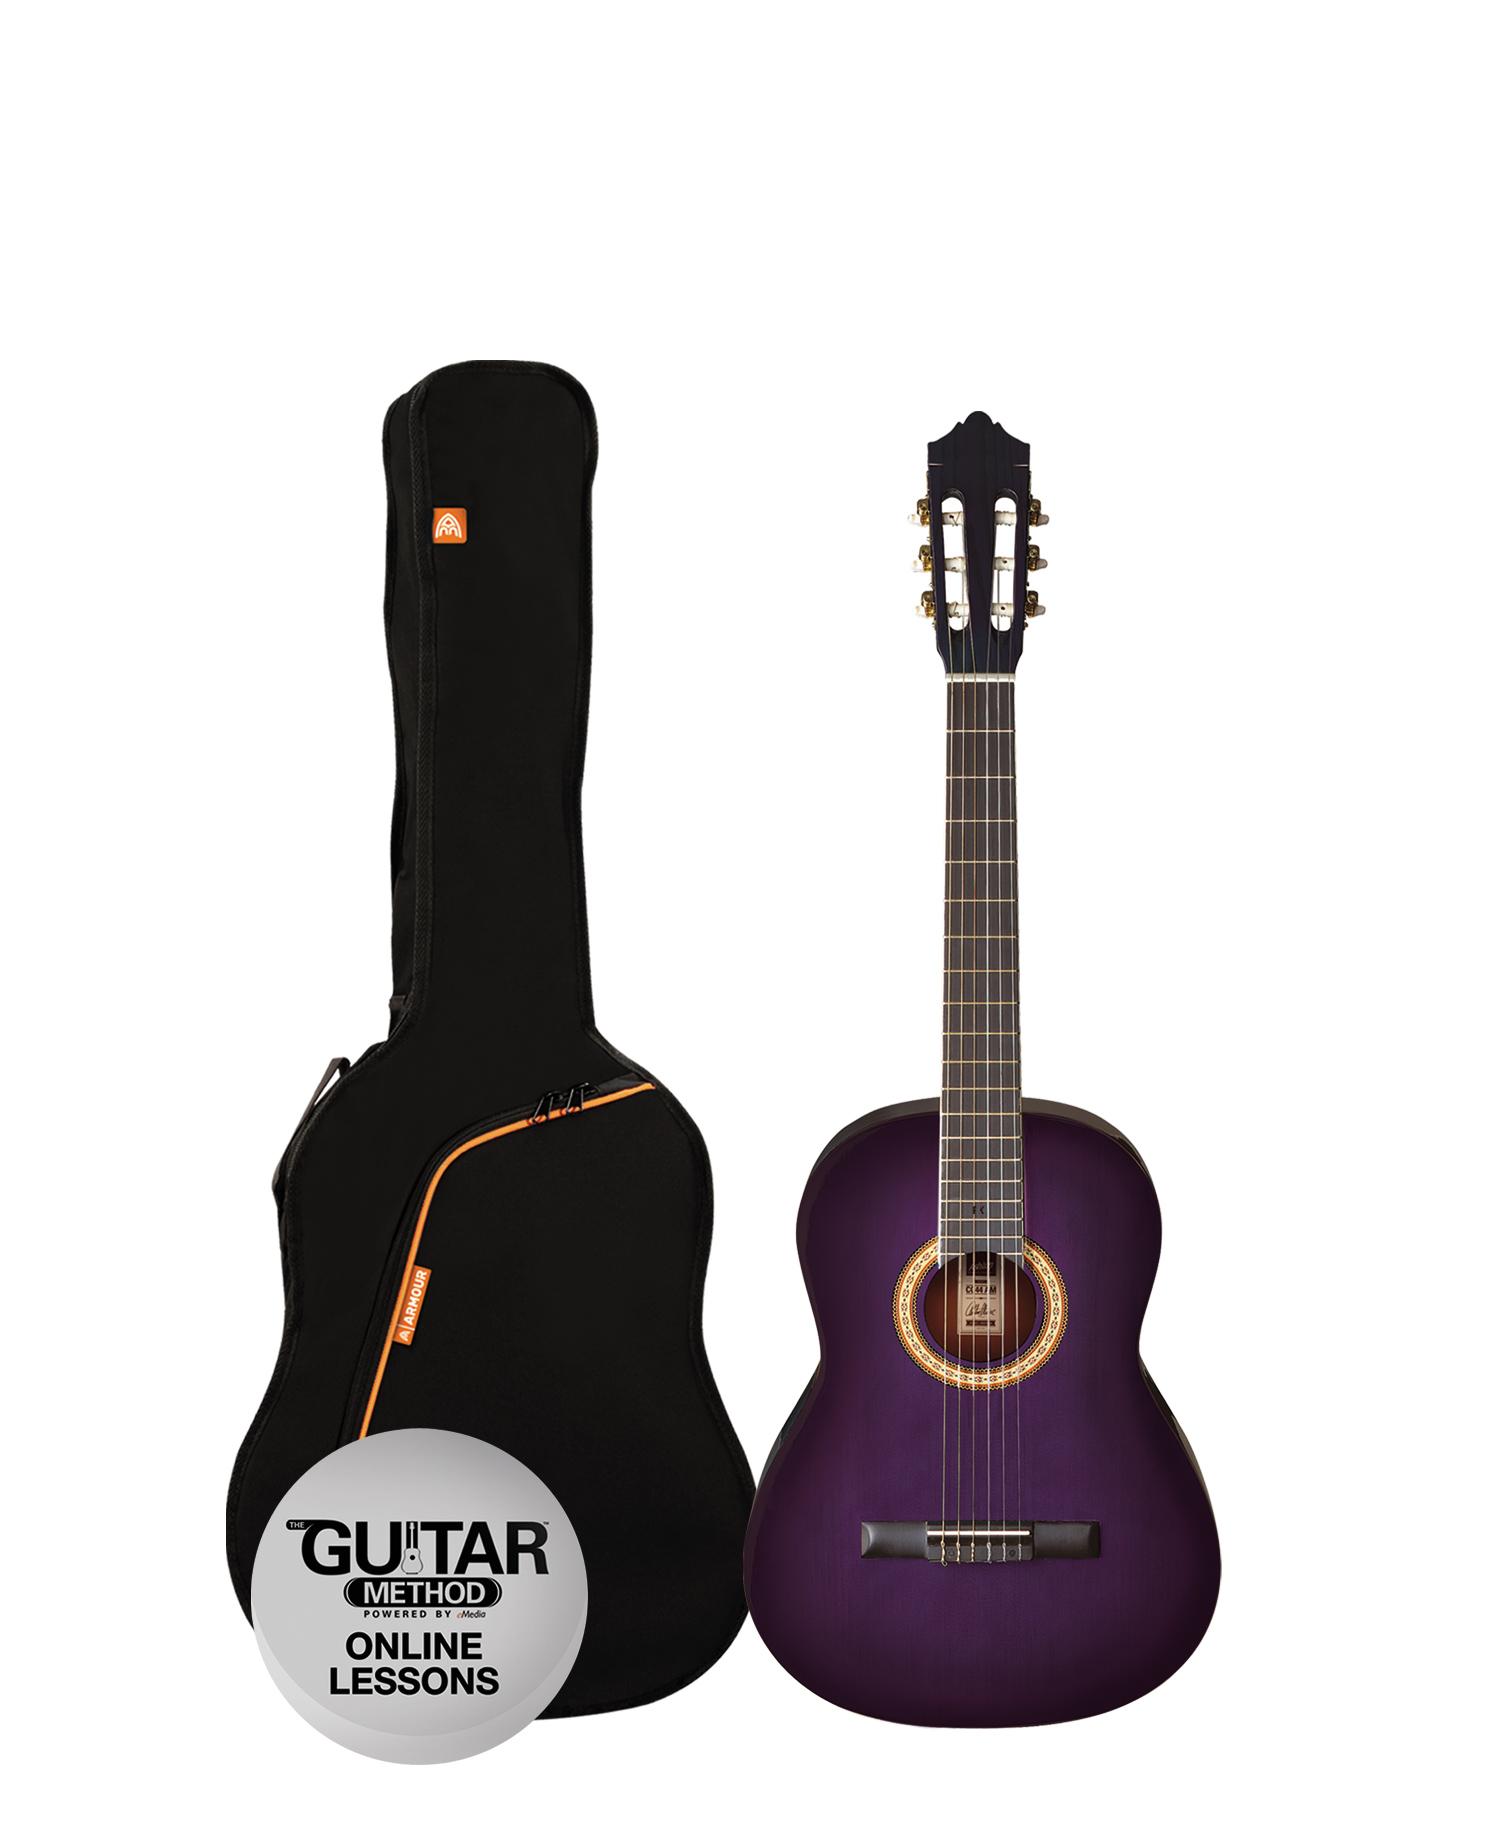 SPCG12TP - Pack Guitarra Clasica 1/2 Spcg12TP - Ashton